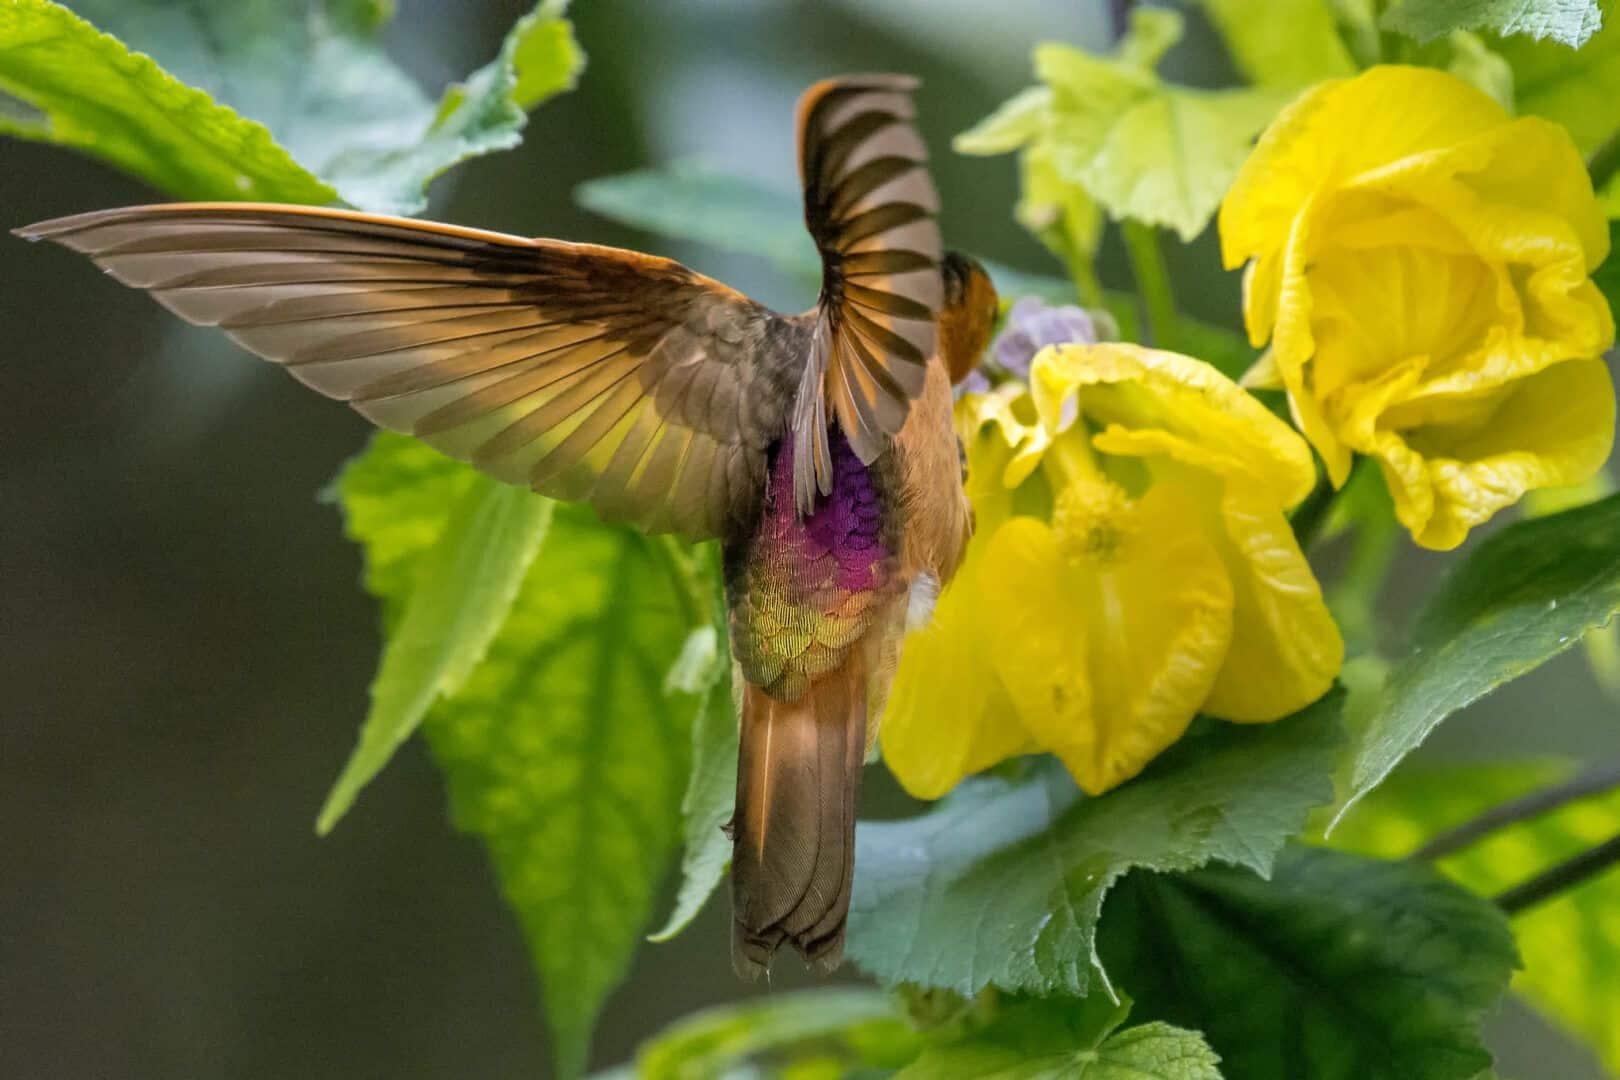 Curiosidades sobre o beija-flor - tudo sobre a menor ave do mundo